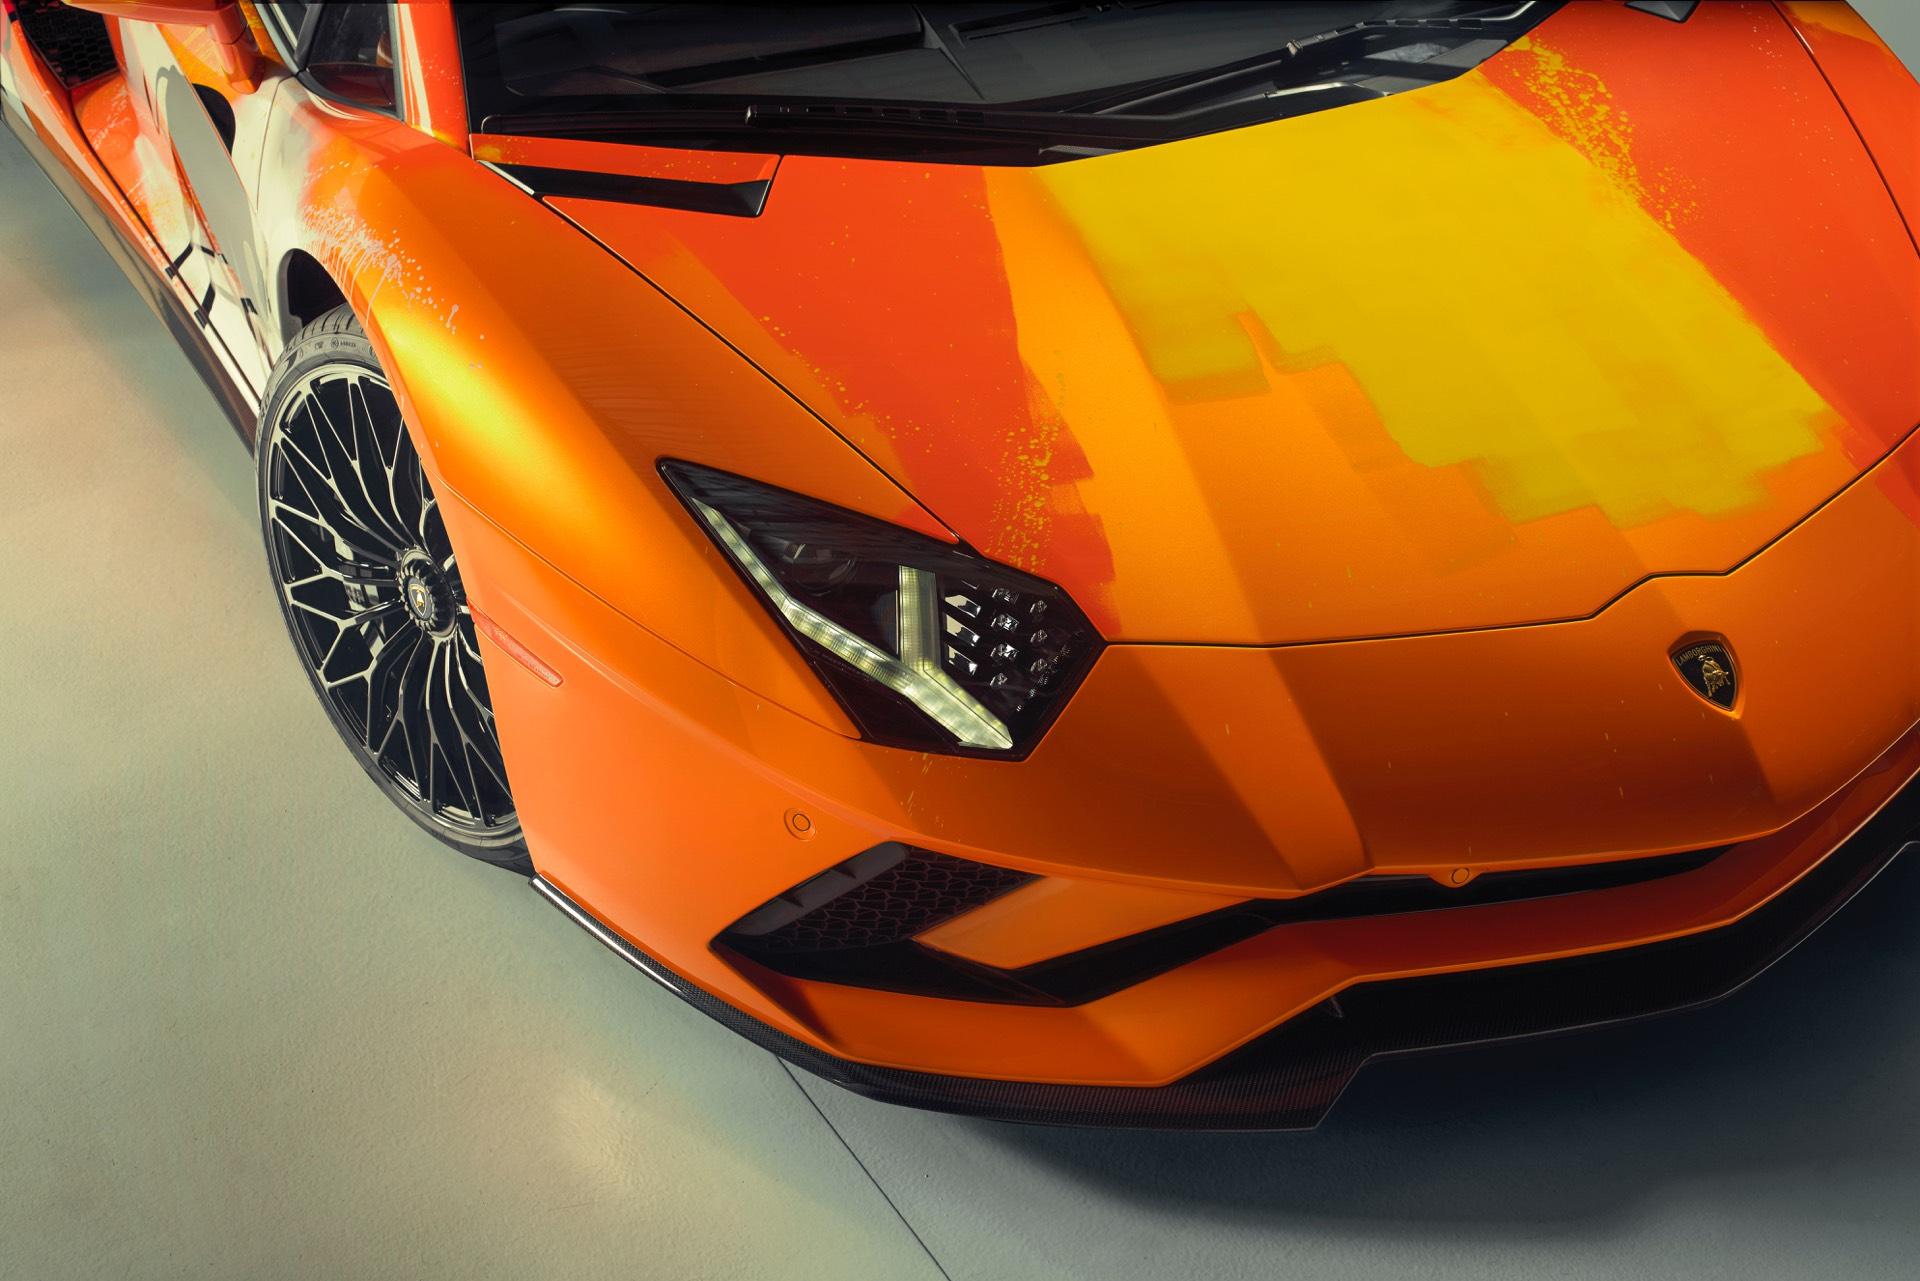 Skyler-Grey-Lamborghini-Aventador-S-Art-Car18